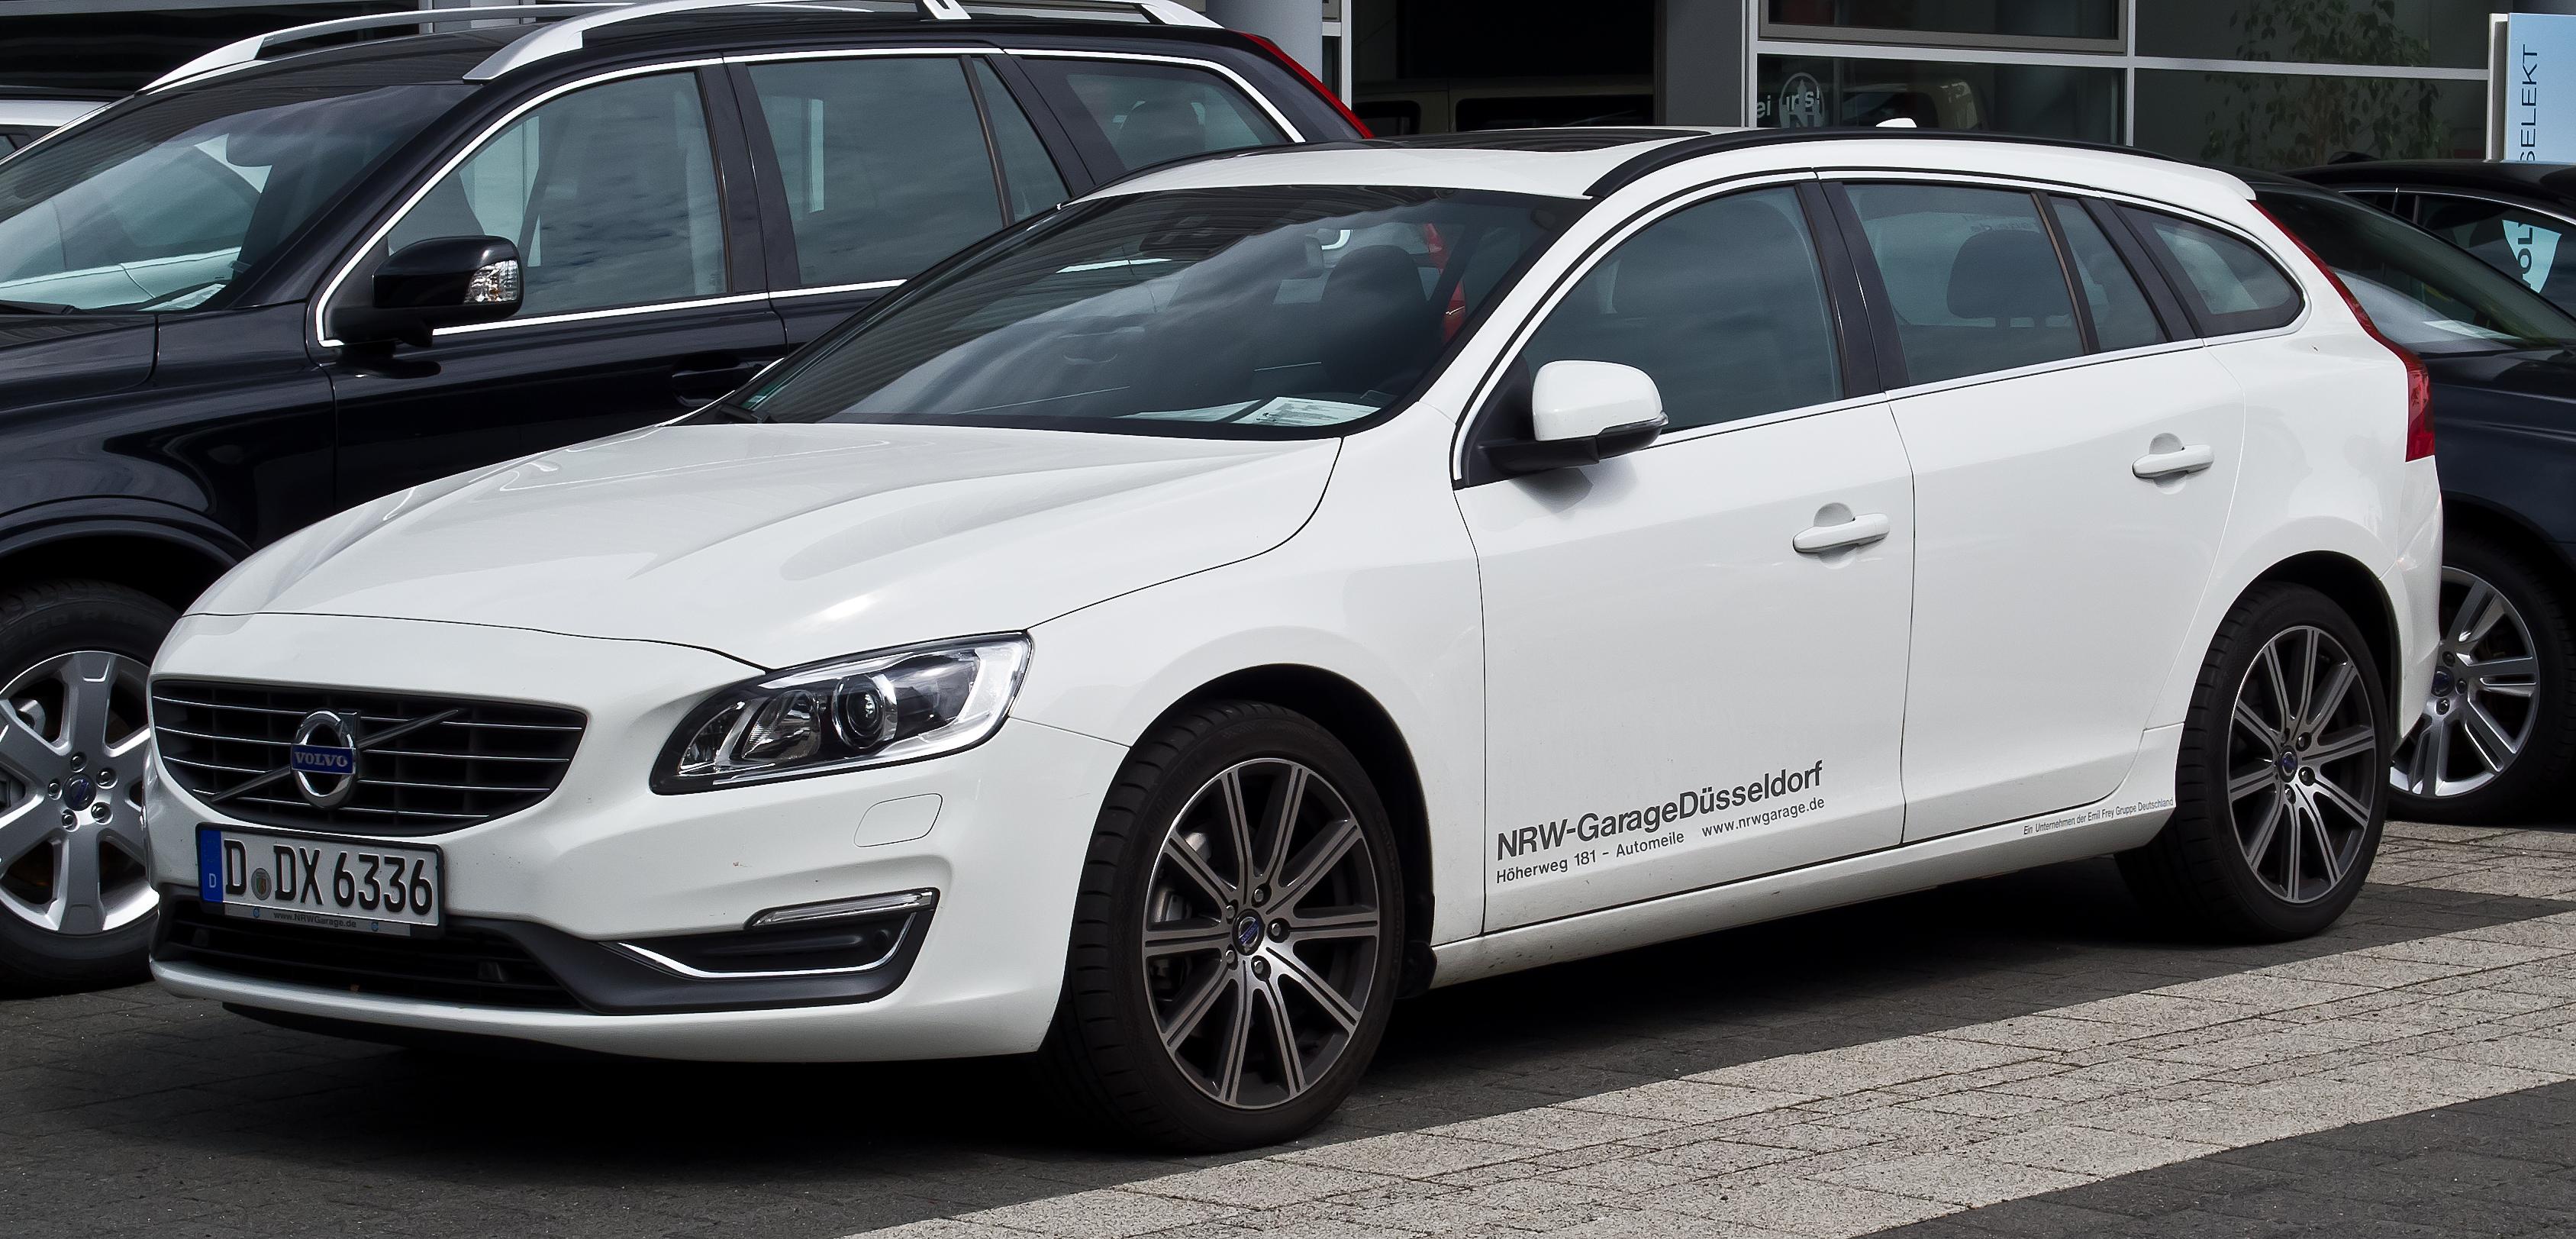 Essai vidéo  Volvo V60 Cross Country : baroudeur nordique